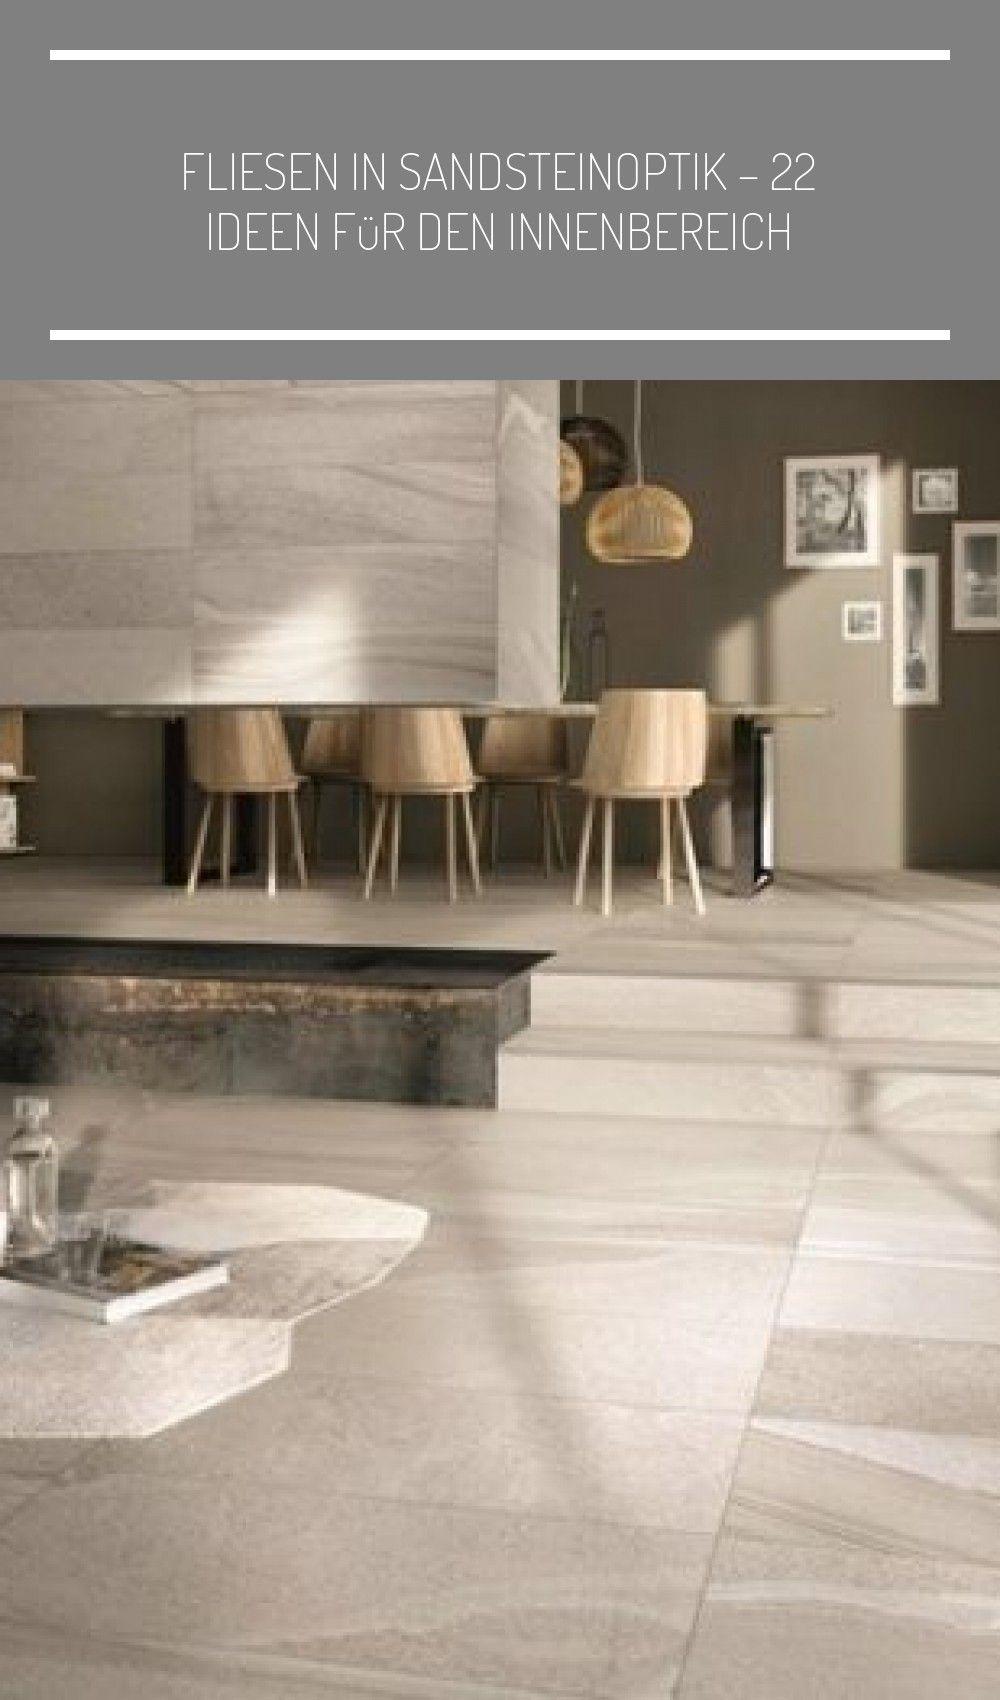 Fliesen in Sandsteinoptik – 10 Ideen für den Innenbereich #beige